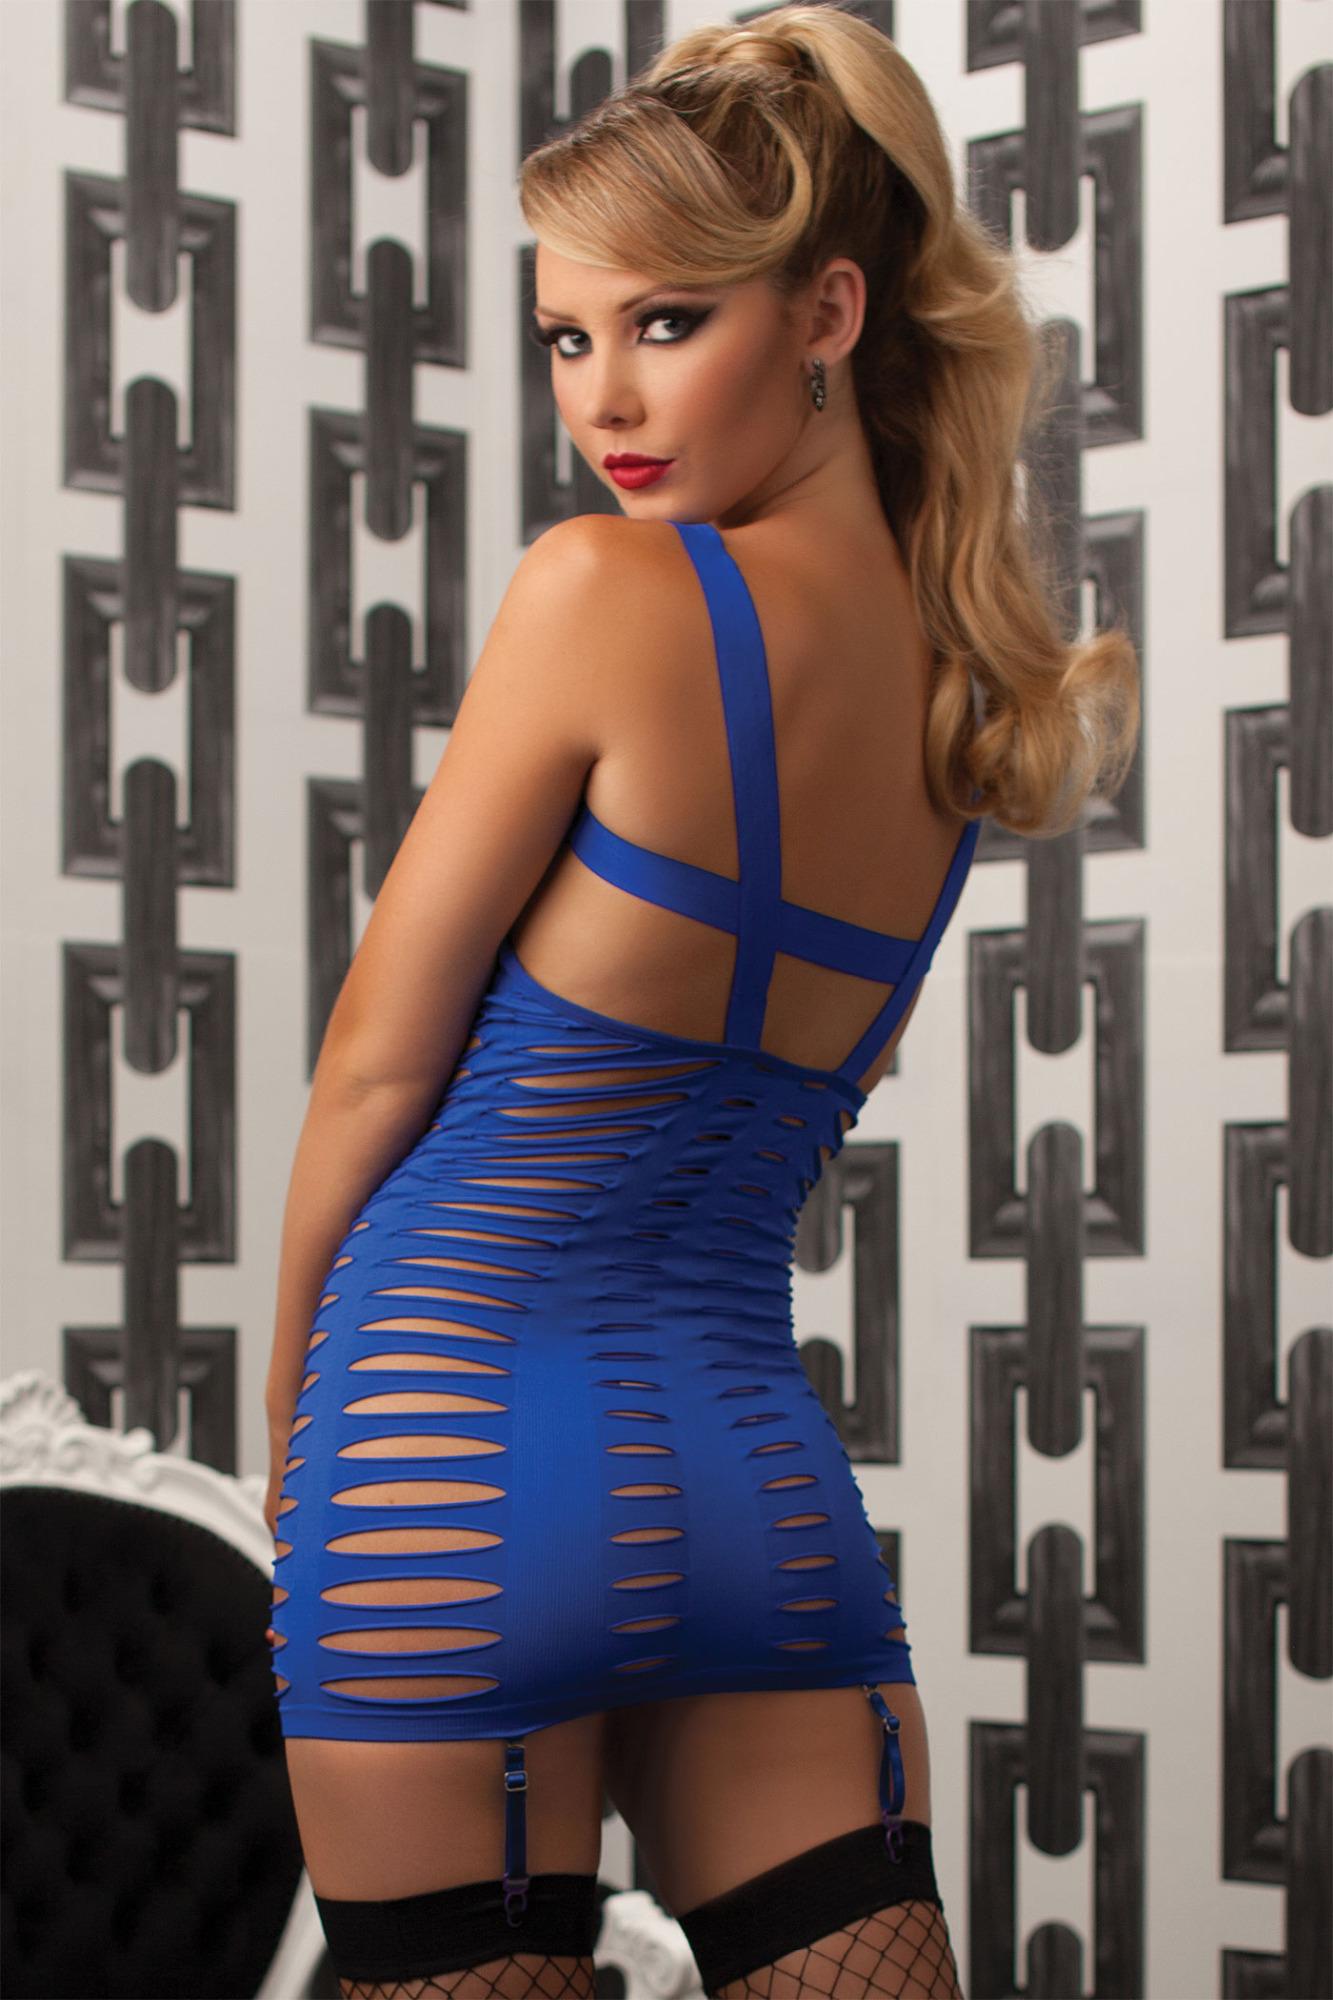 эро фото облегающих платьев - 14